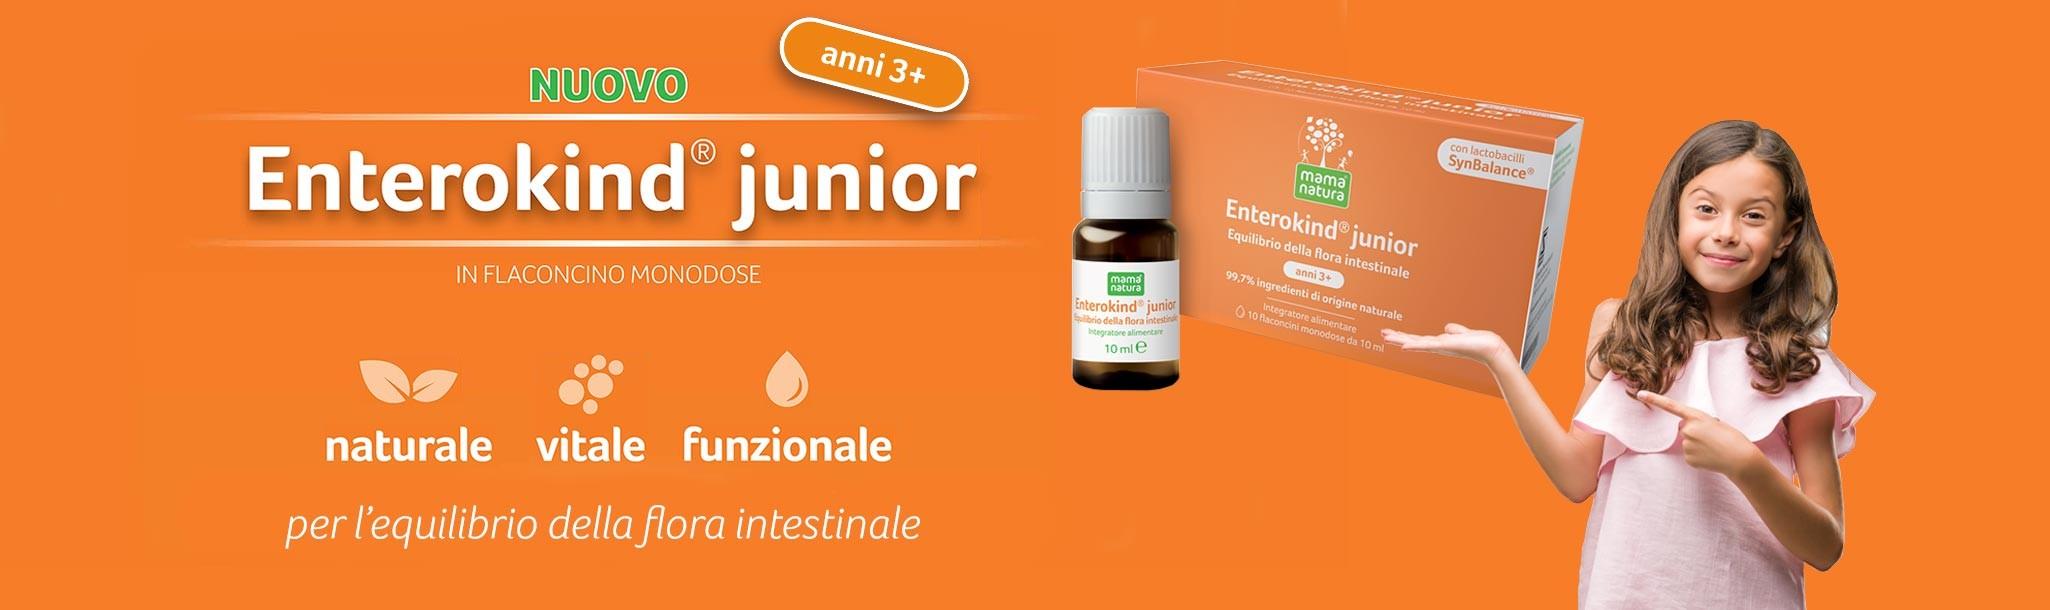 Mama Natura Enterokind Junior il nuovo flaconcino, per l'equilibrio della flora intestinale nei bambini dai 3 ai 12 anni